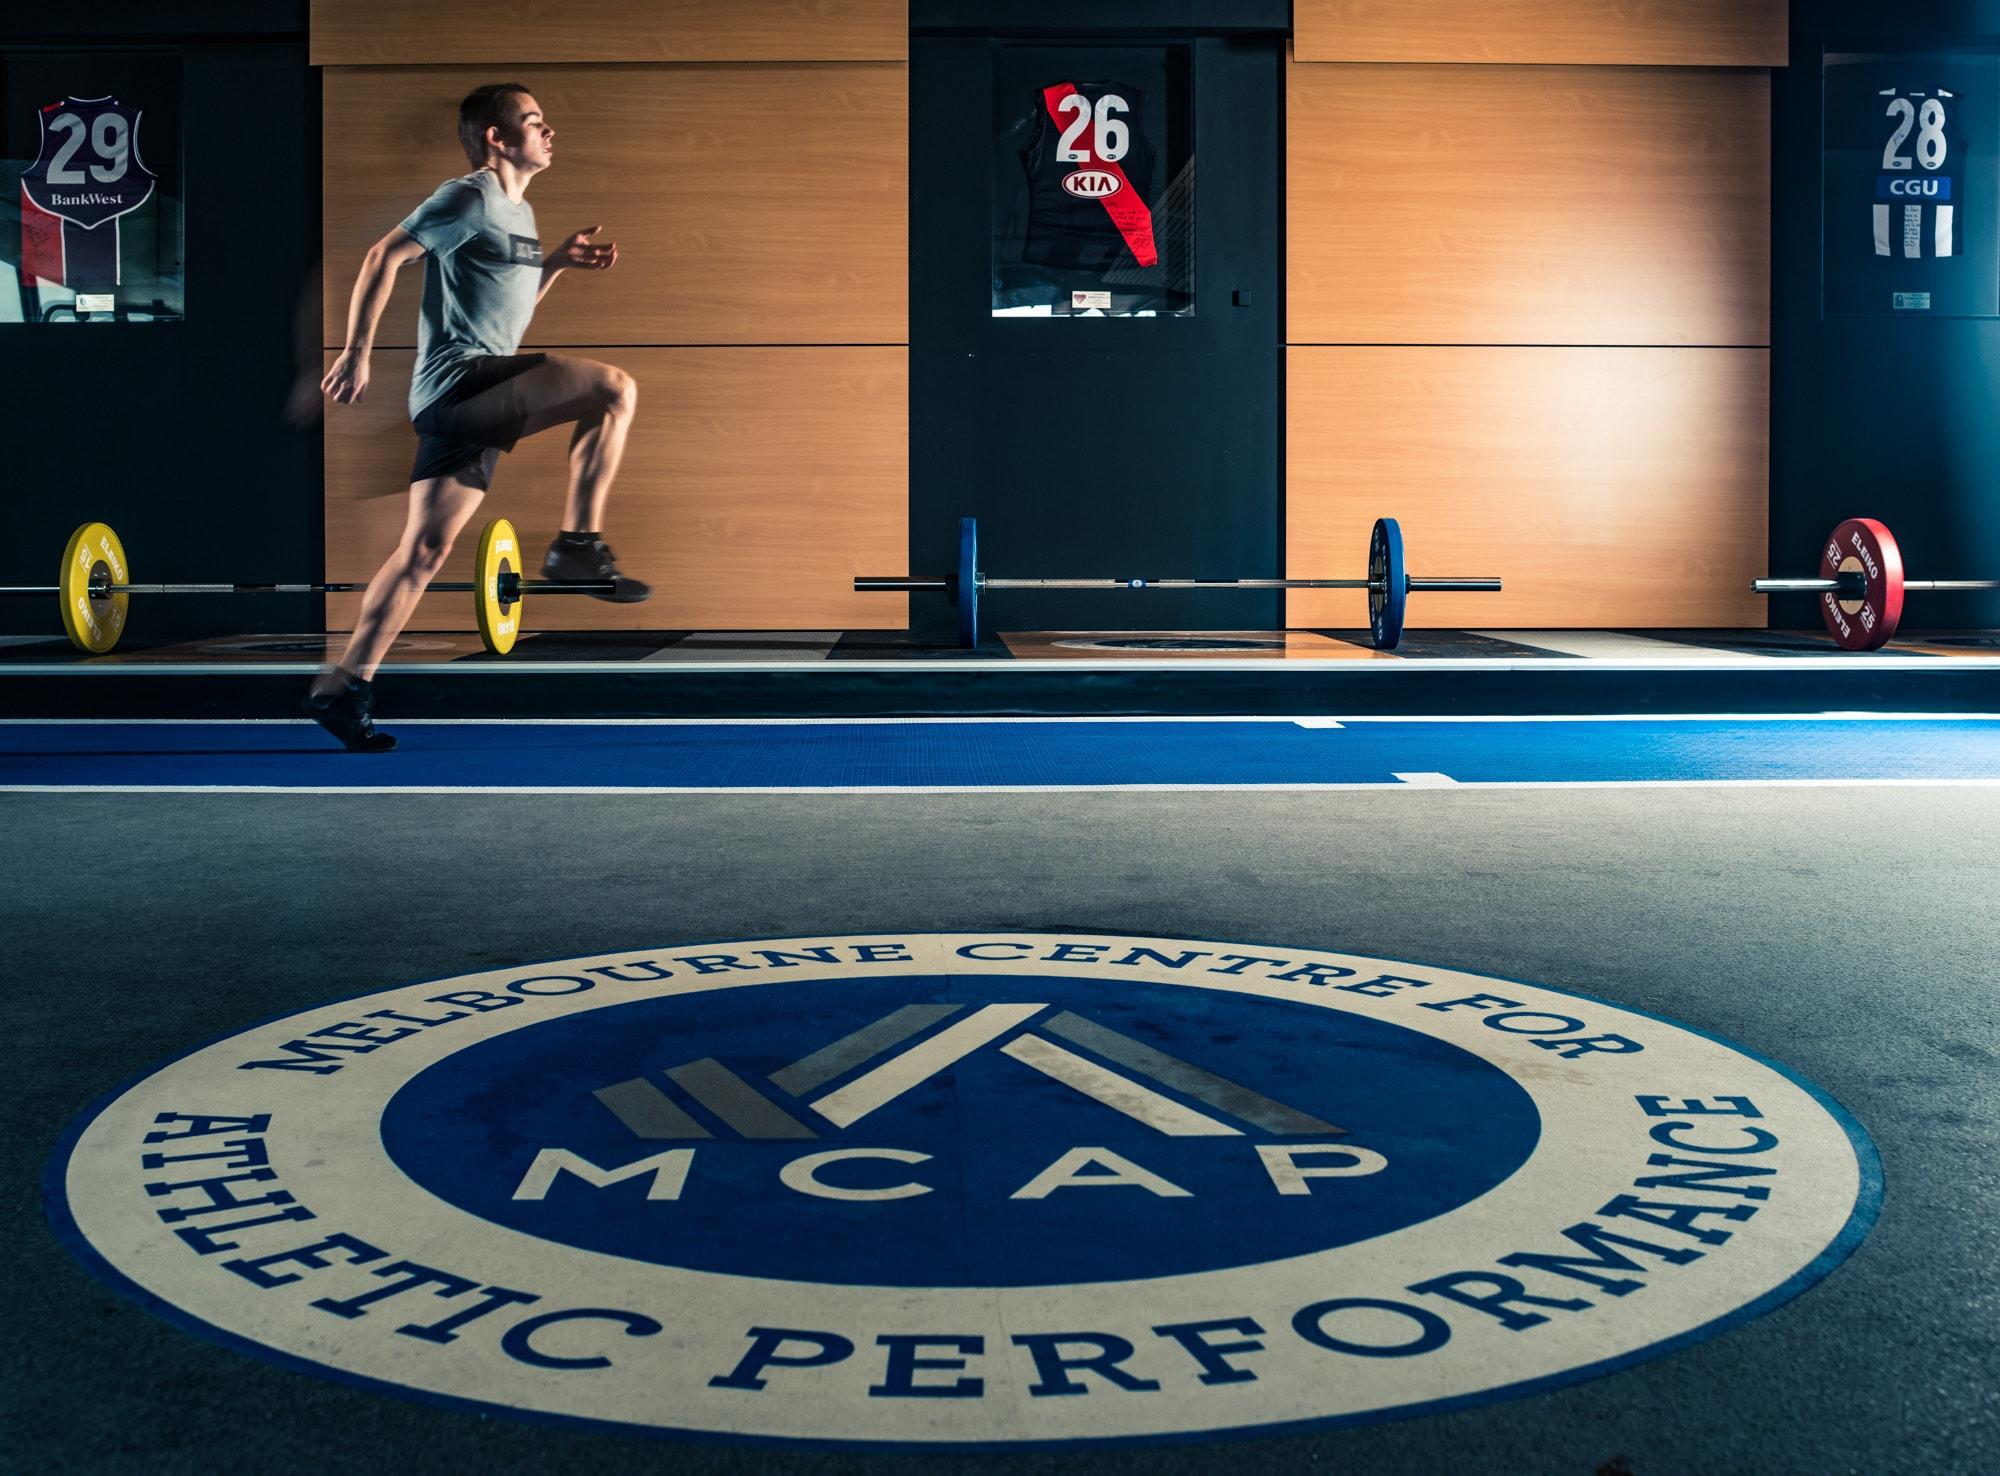 Sports Photography Melbourne Centre Athletic Performance technique